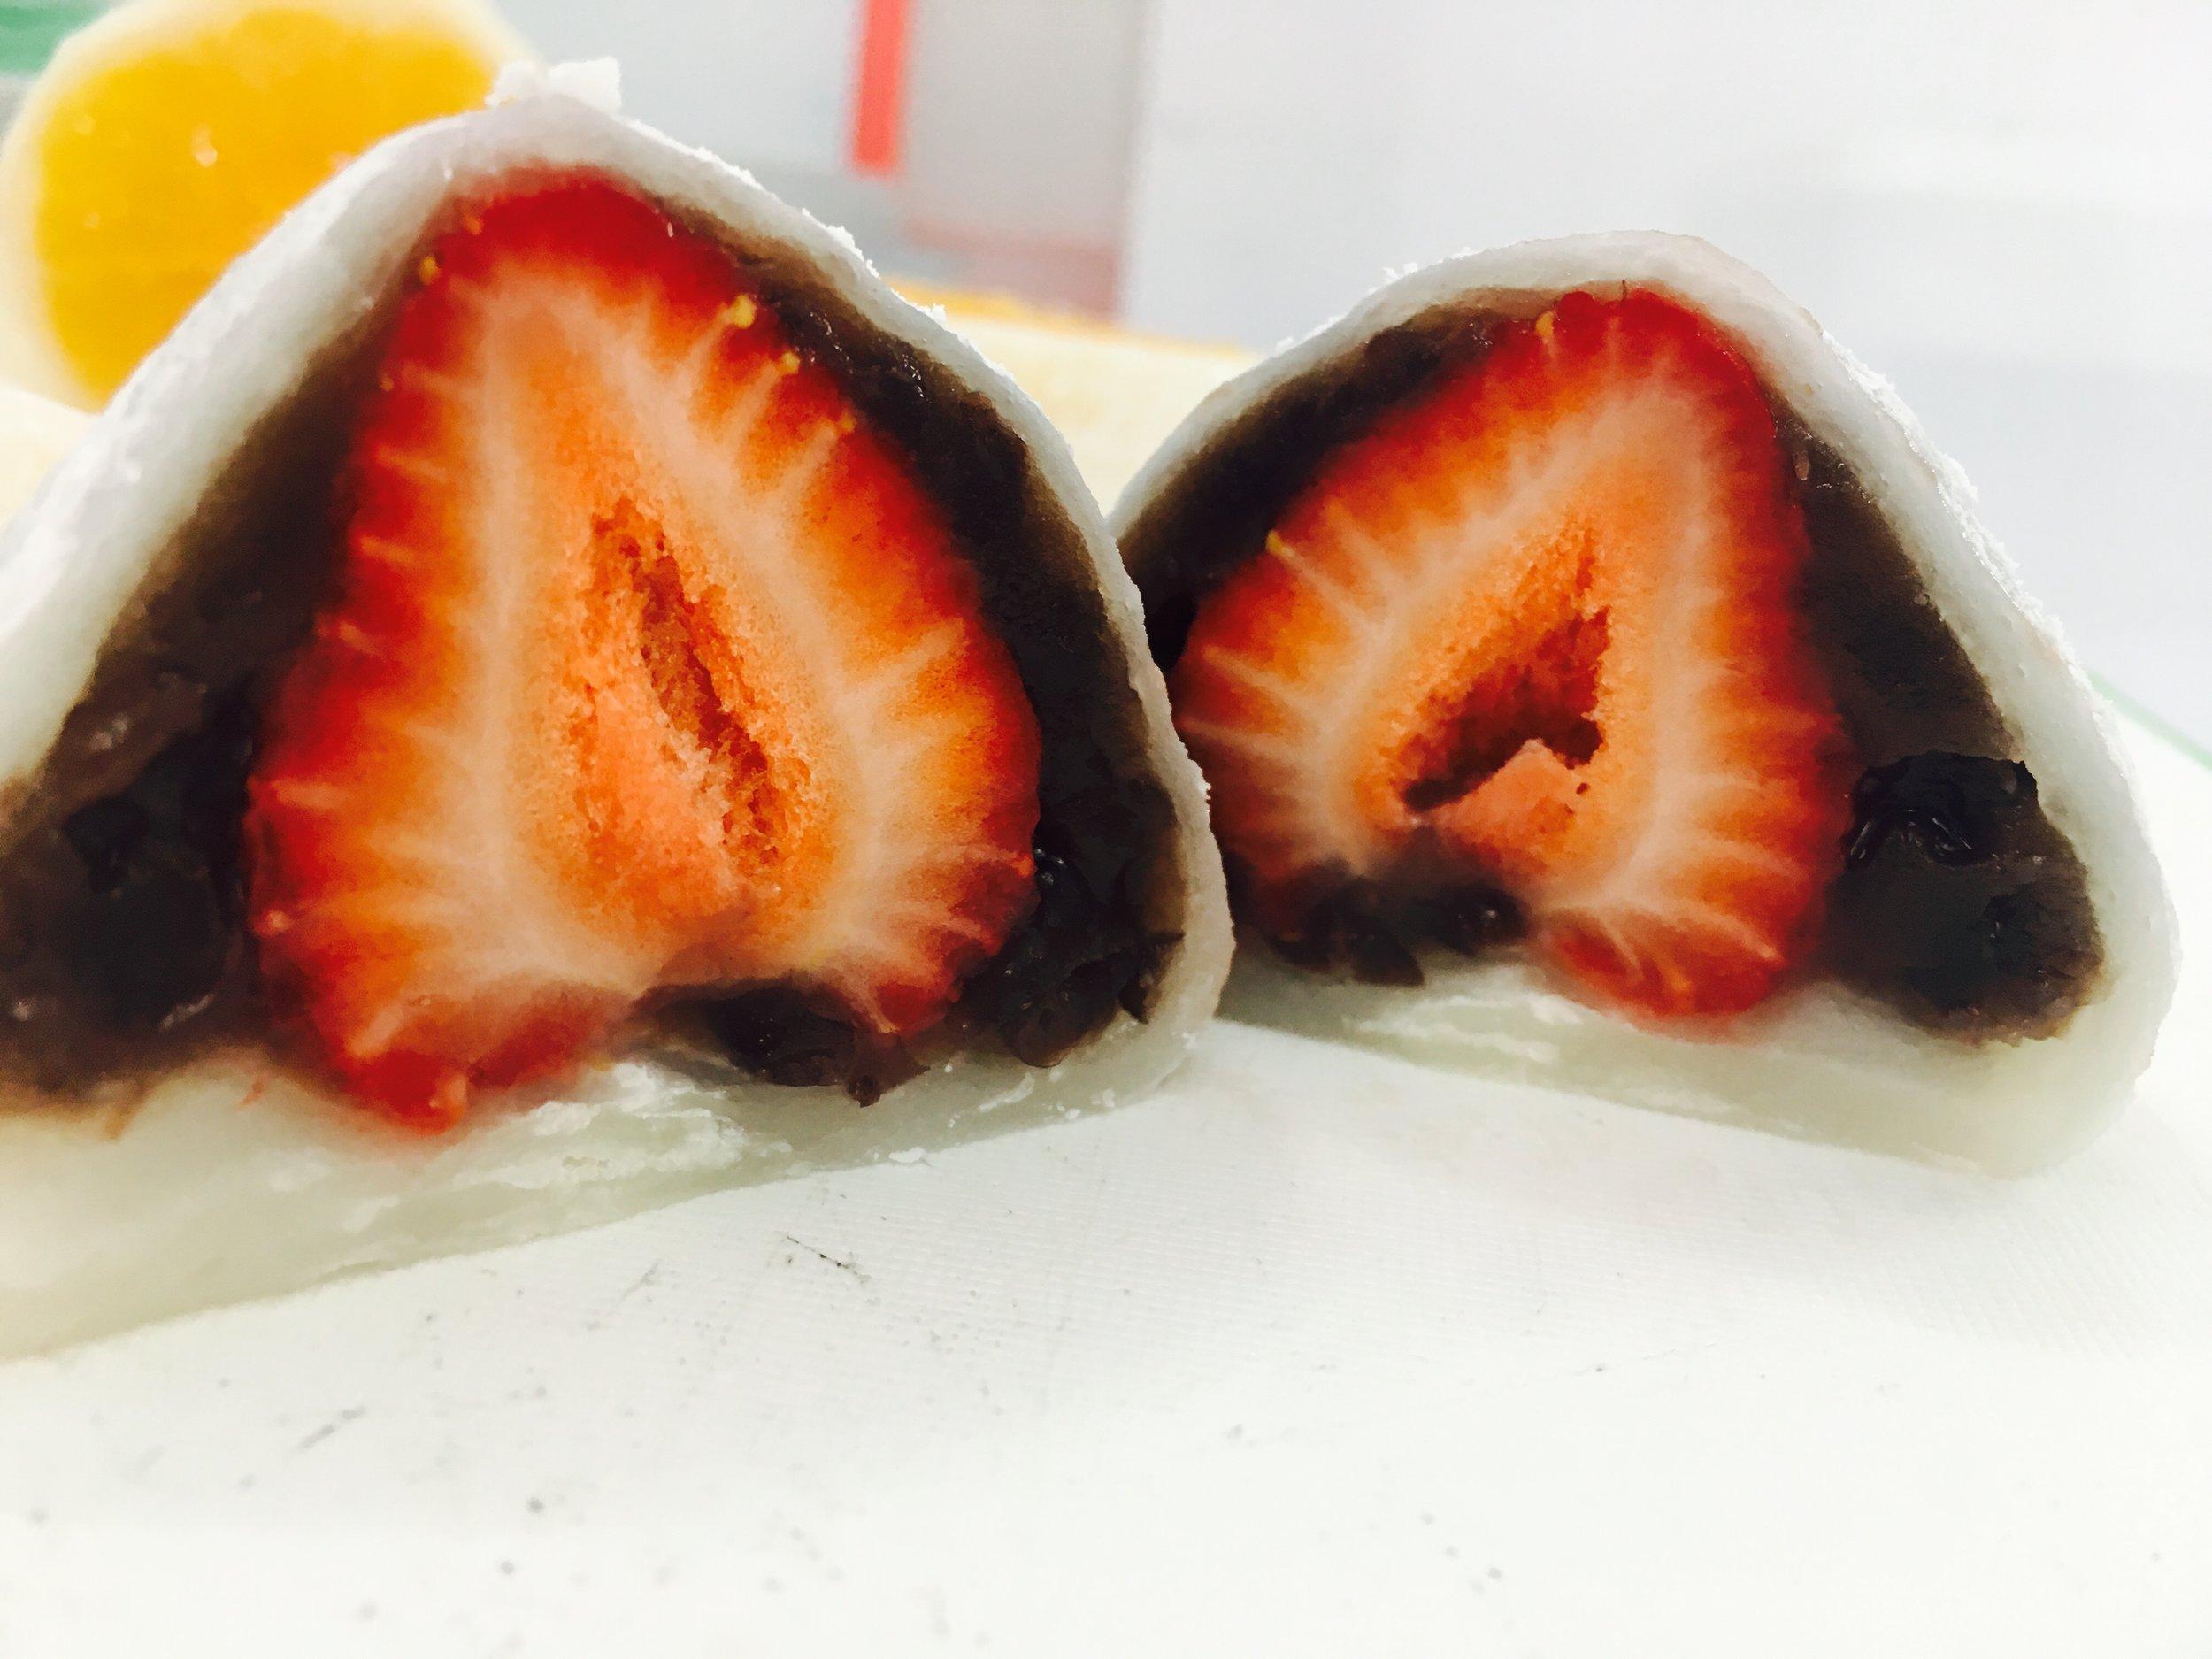 Stwberry daifuku